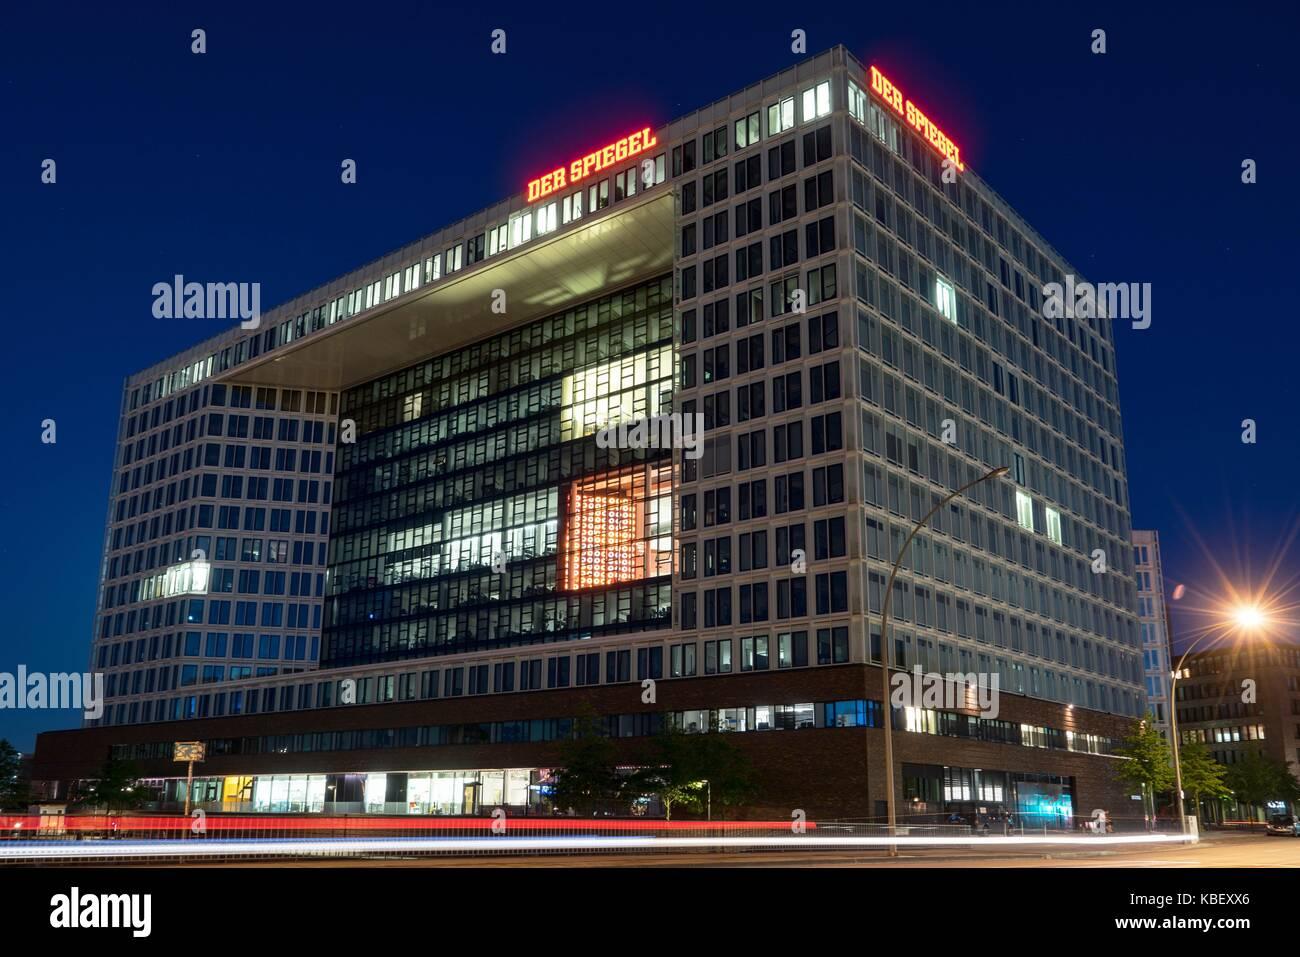 Housing area in hamburg stock photos housing area in for Der spiegel hamburg